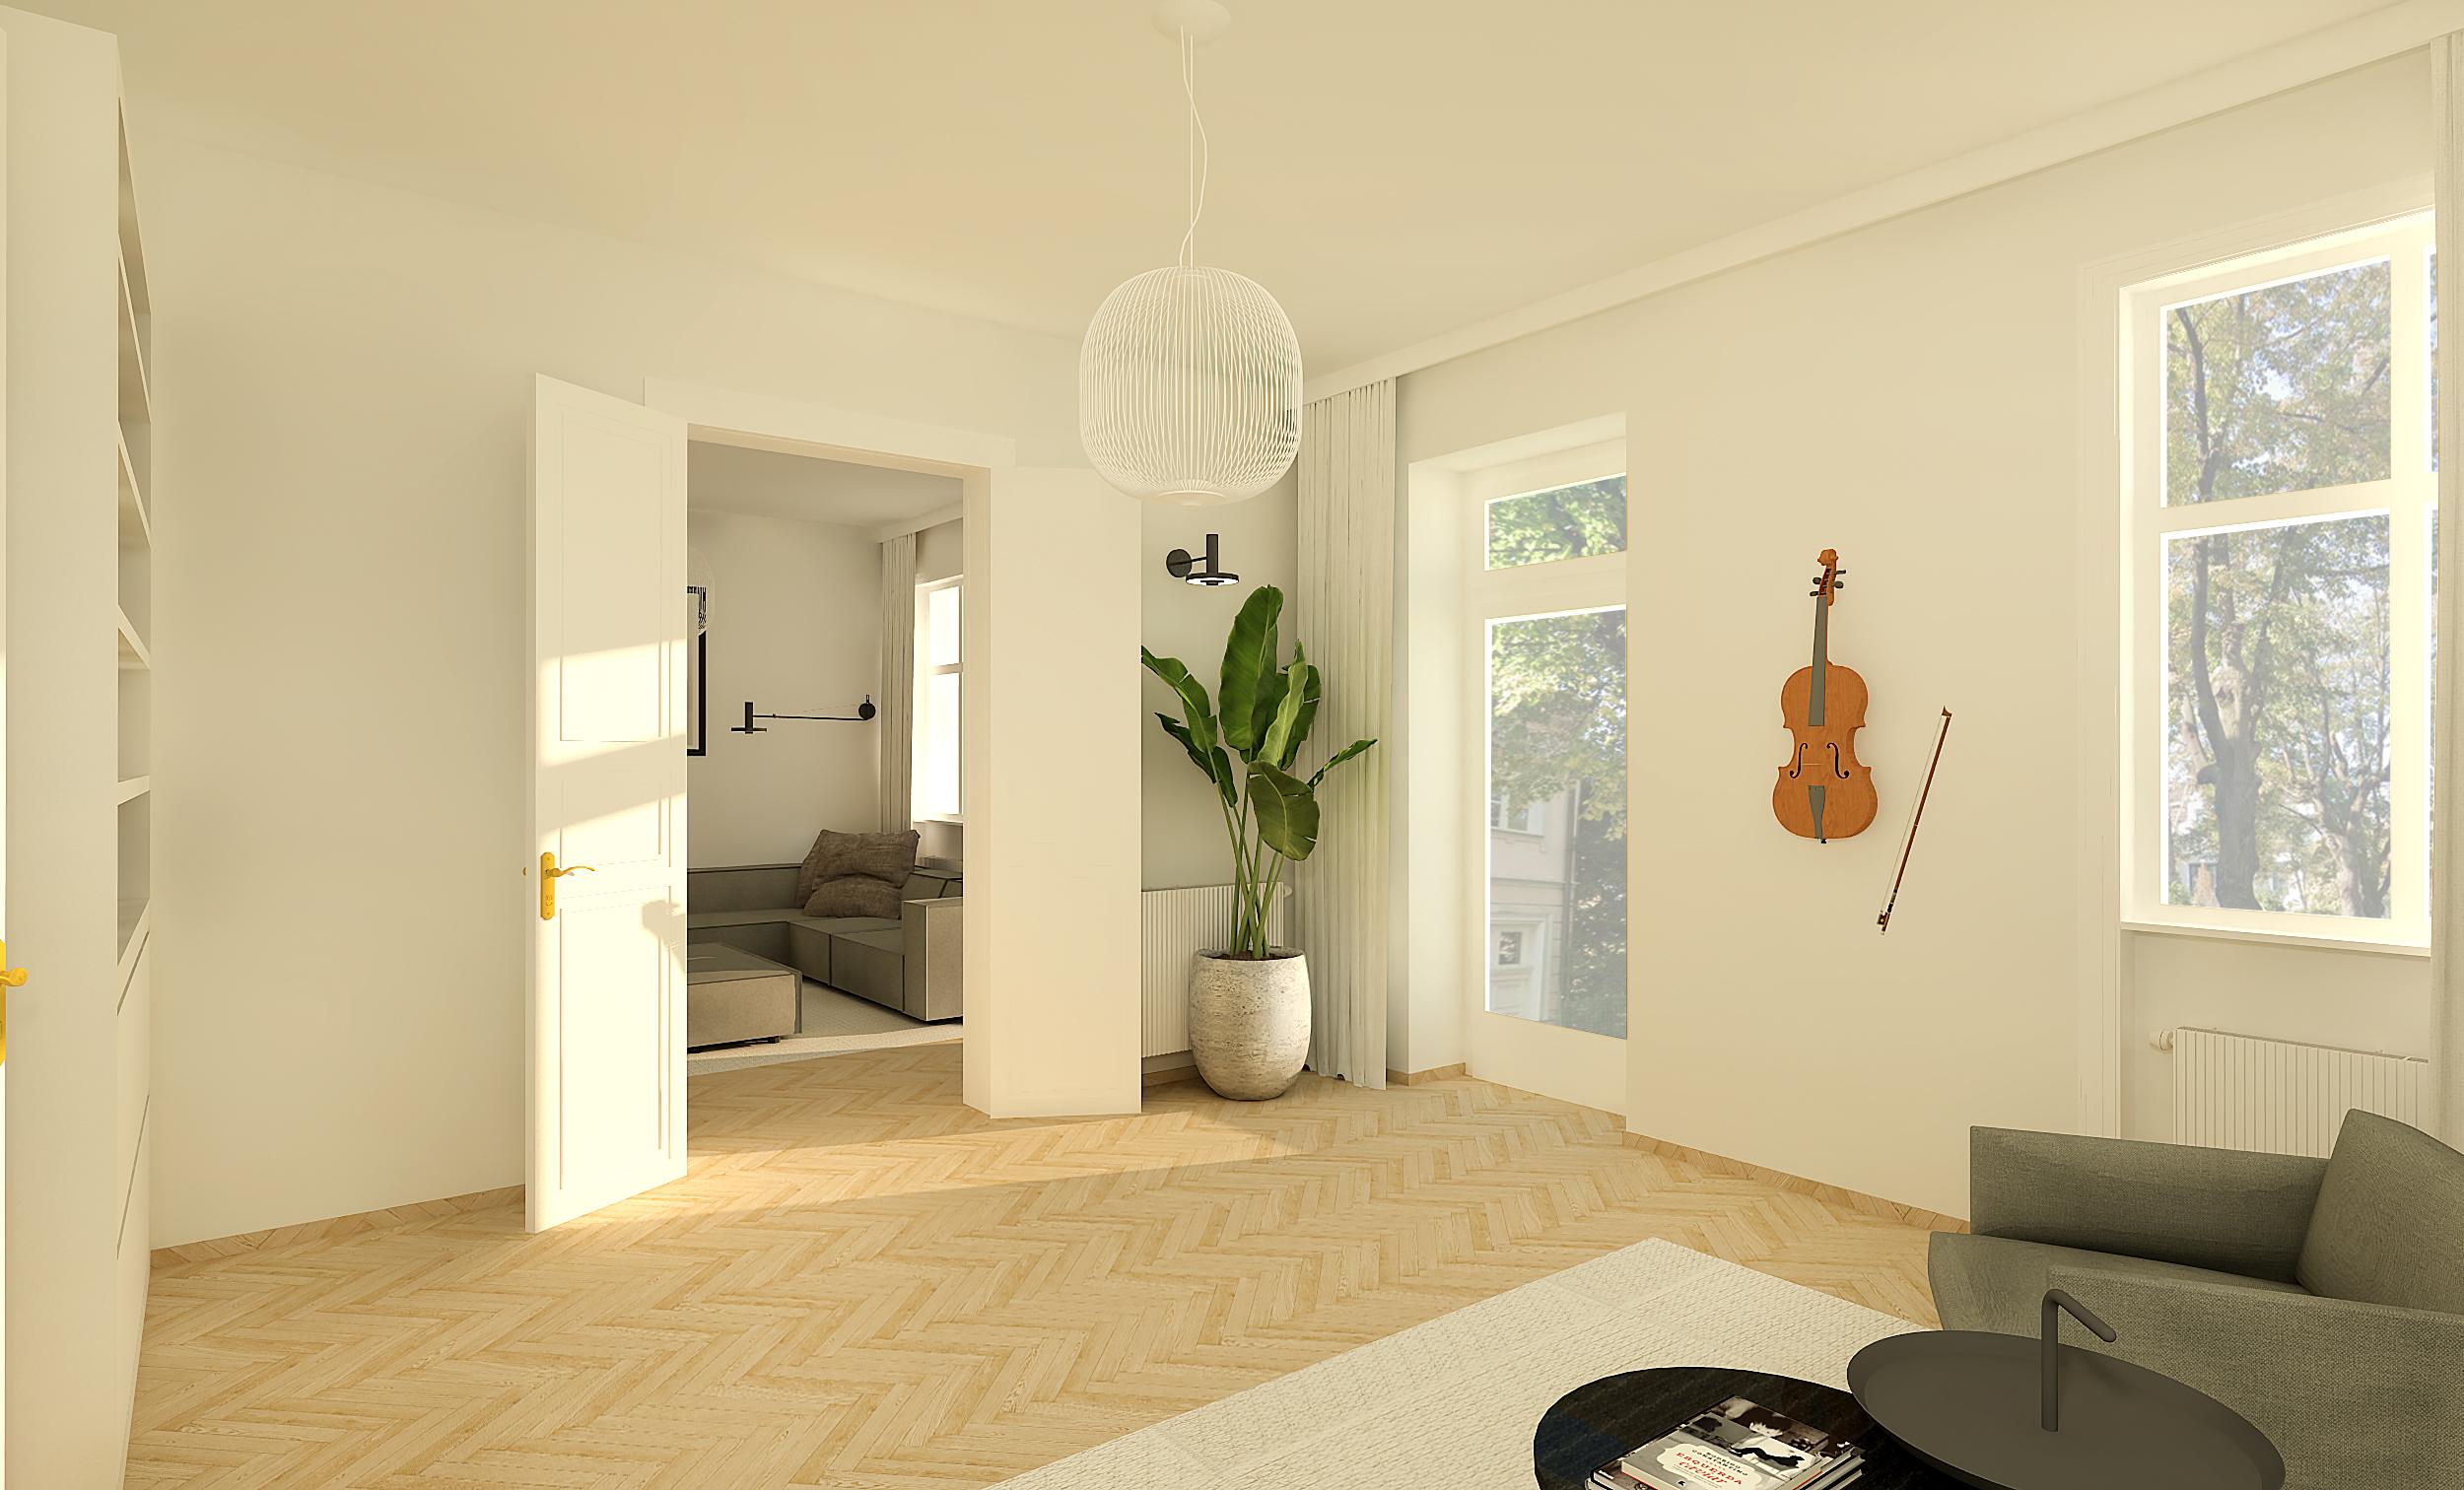 Render interior design project. Render interieur ontwerp project.